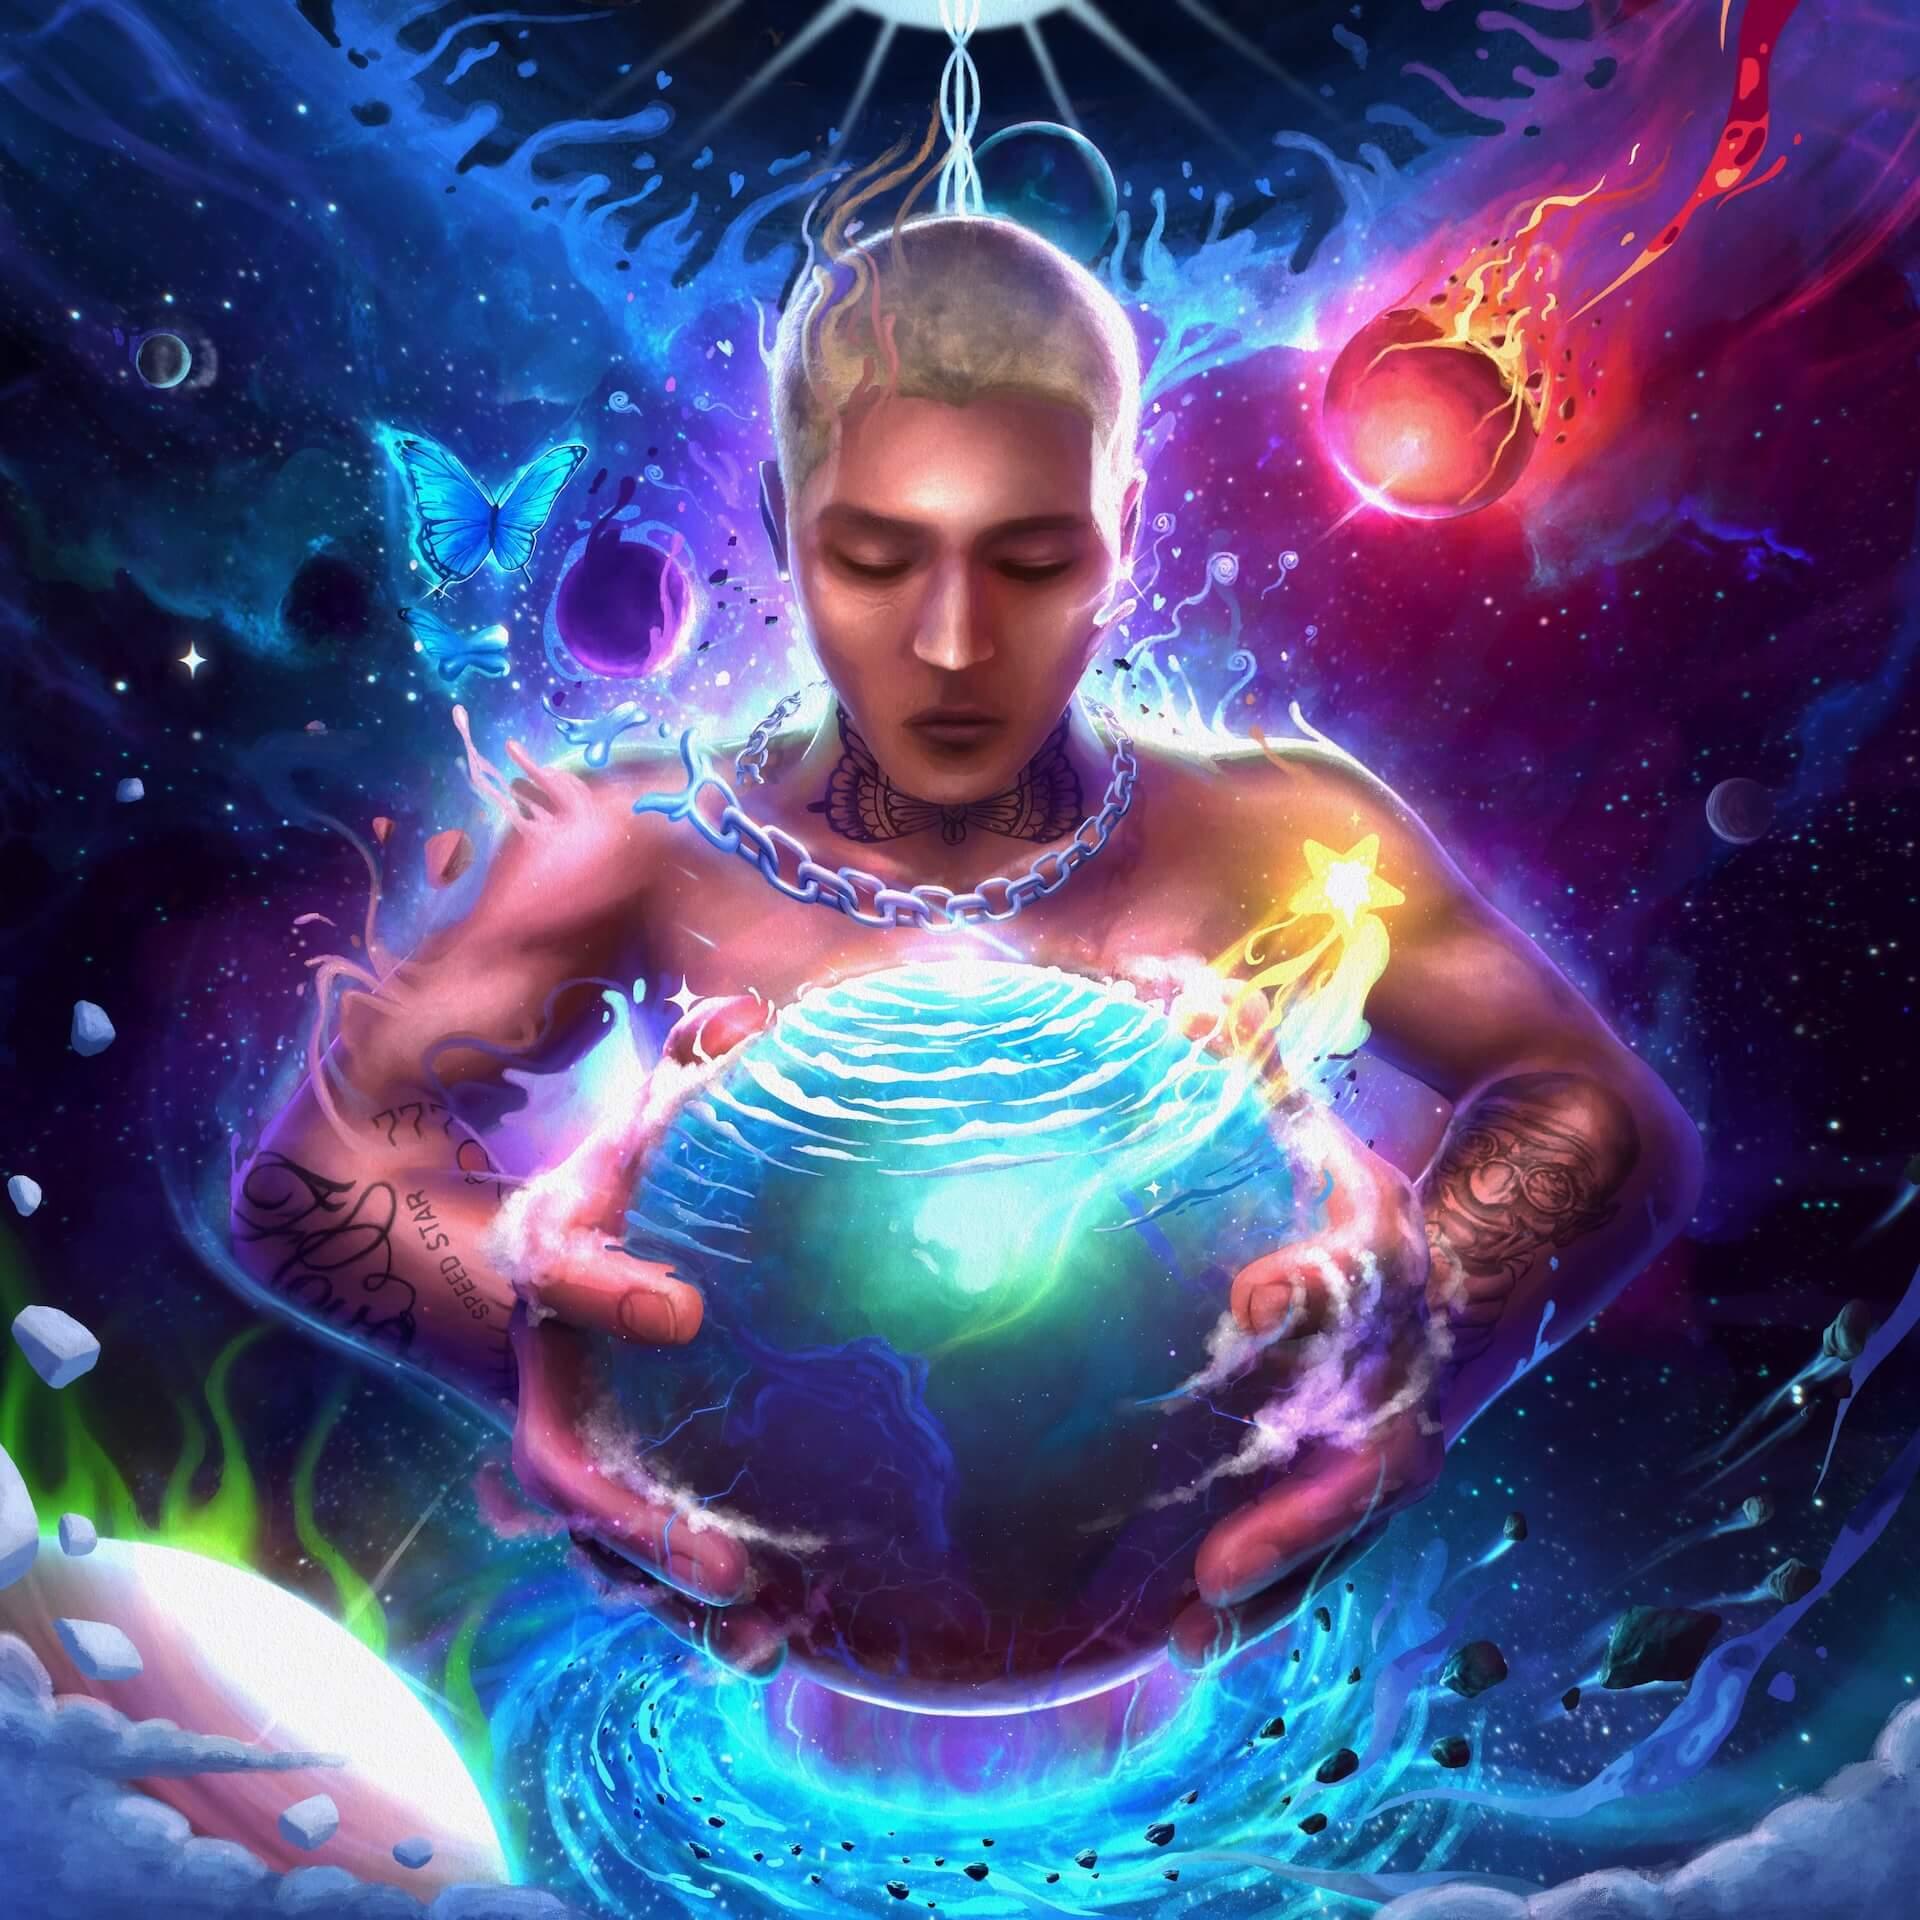 LEXがニューアルバム『LOGIC』のリリースを発表|JP THE WAVY、KM、Young Cocoらが参加 music210924_lex_2